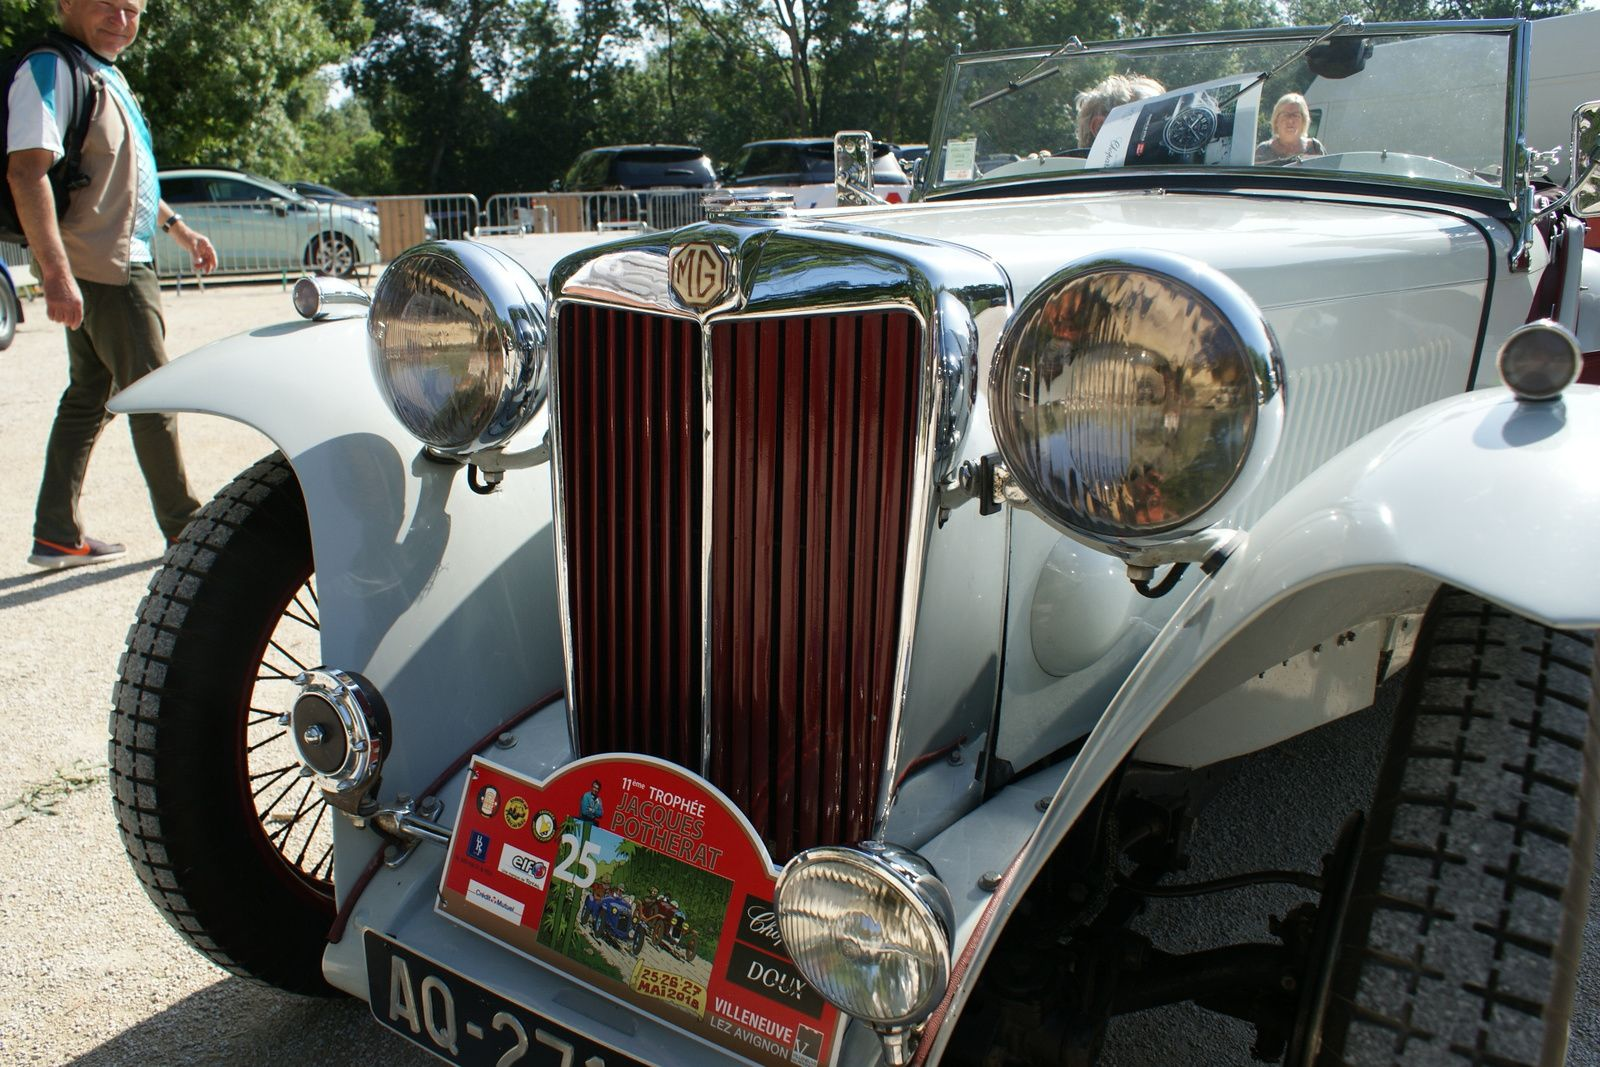 Les SOUPAPES AVGNONNAISES, en passant par les Morris Garages